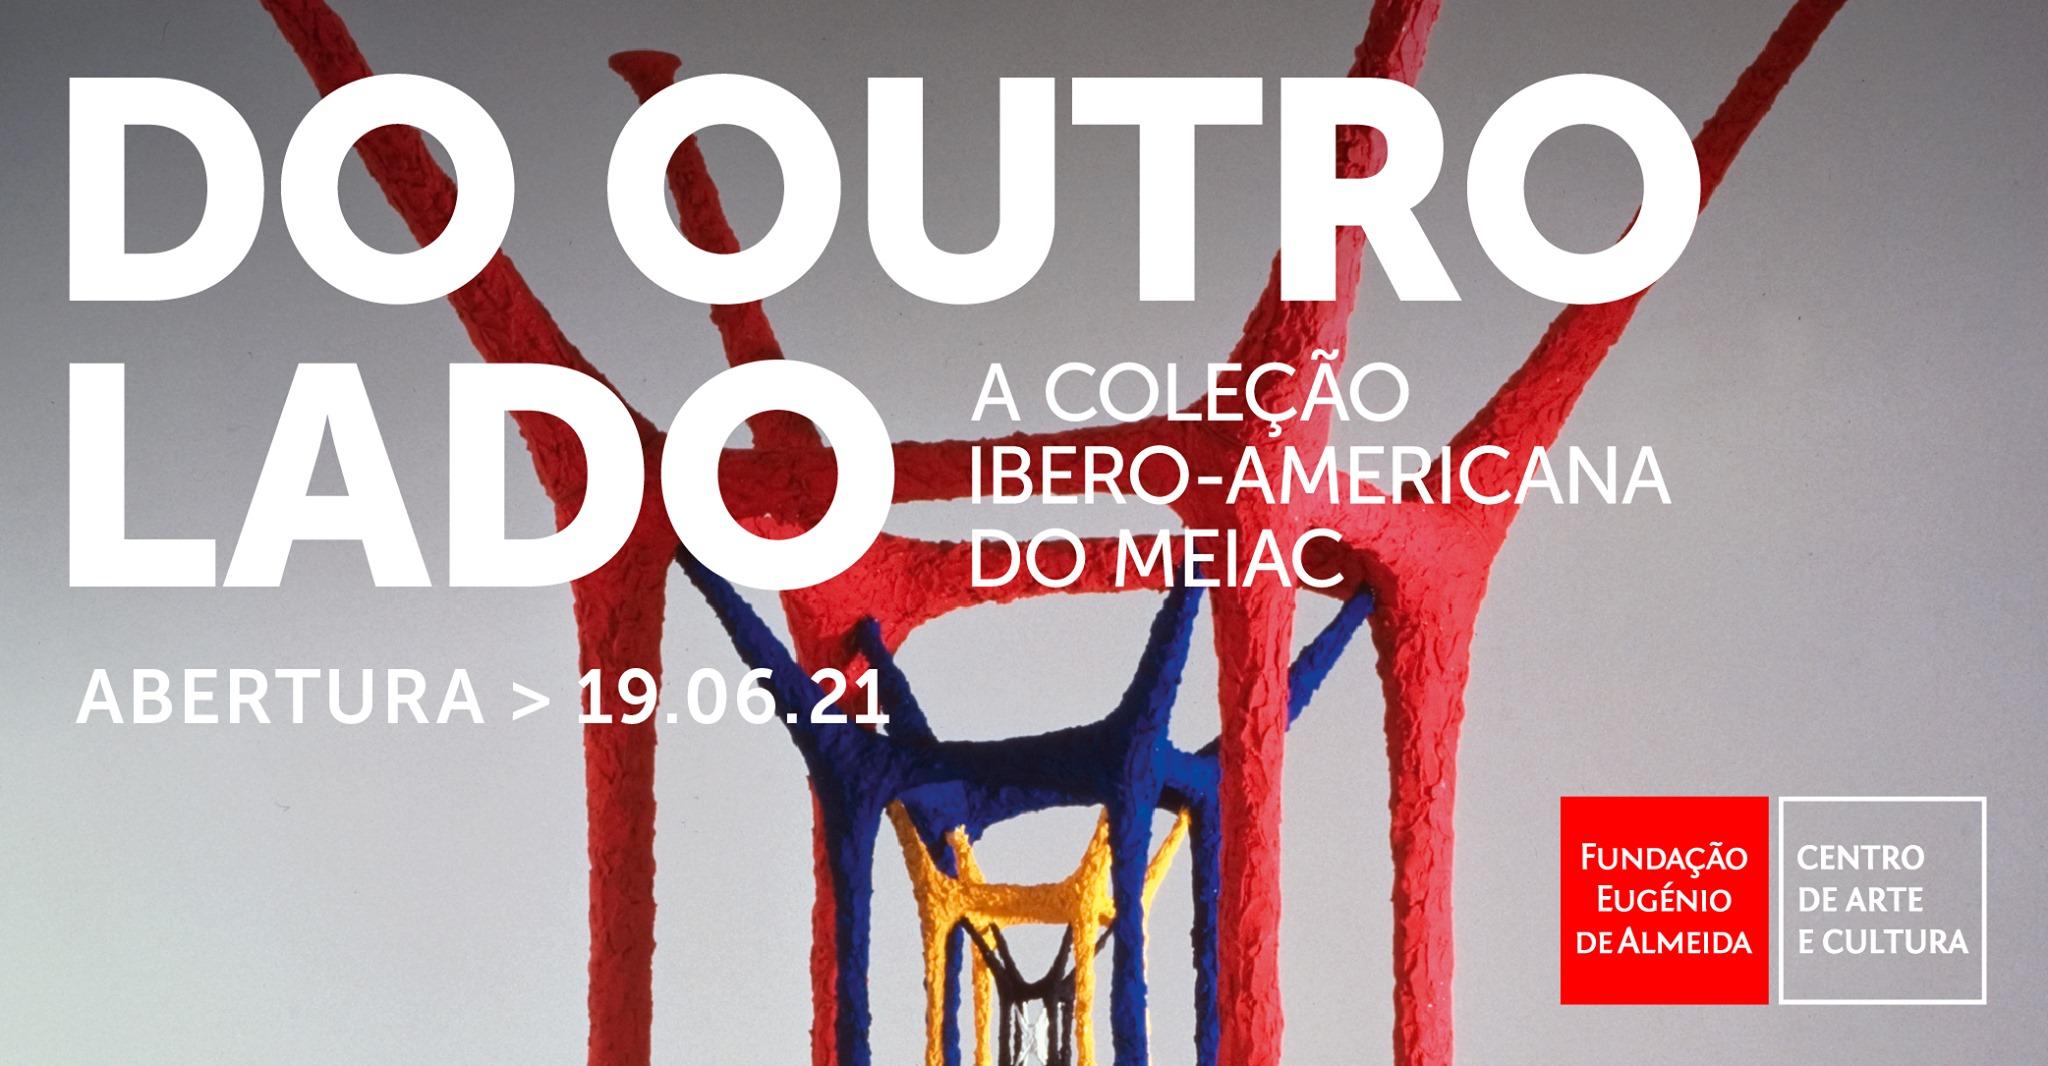 'Do outro lado' - A coleção Ibero-americana do MEIAC